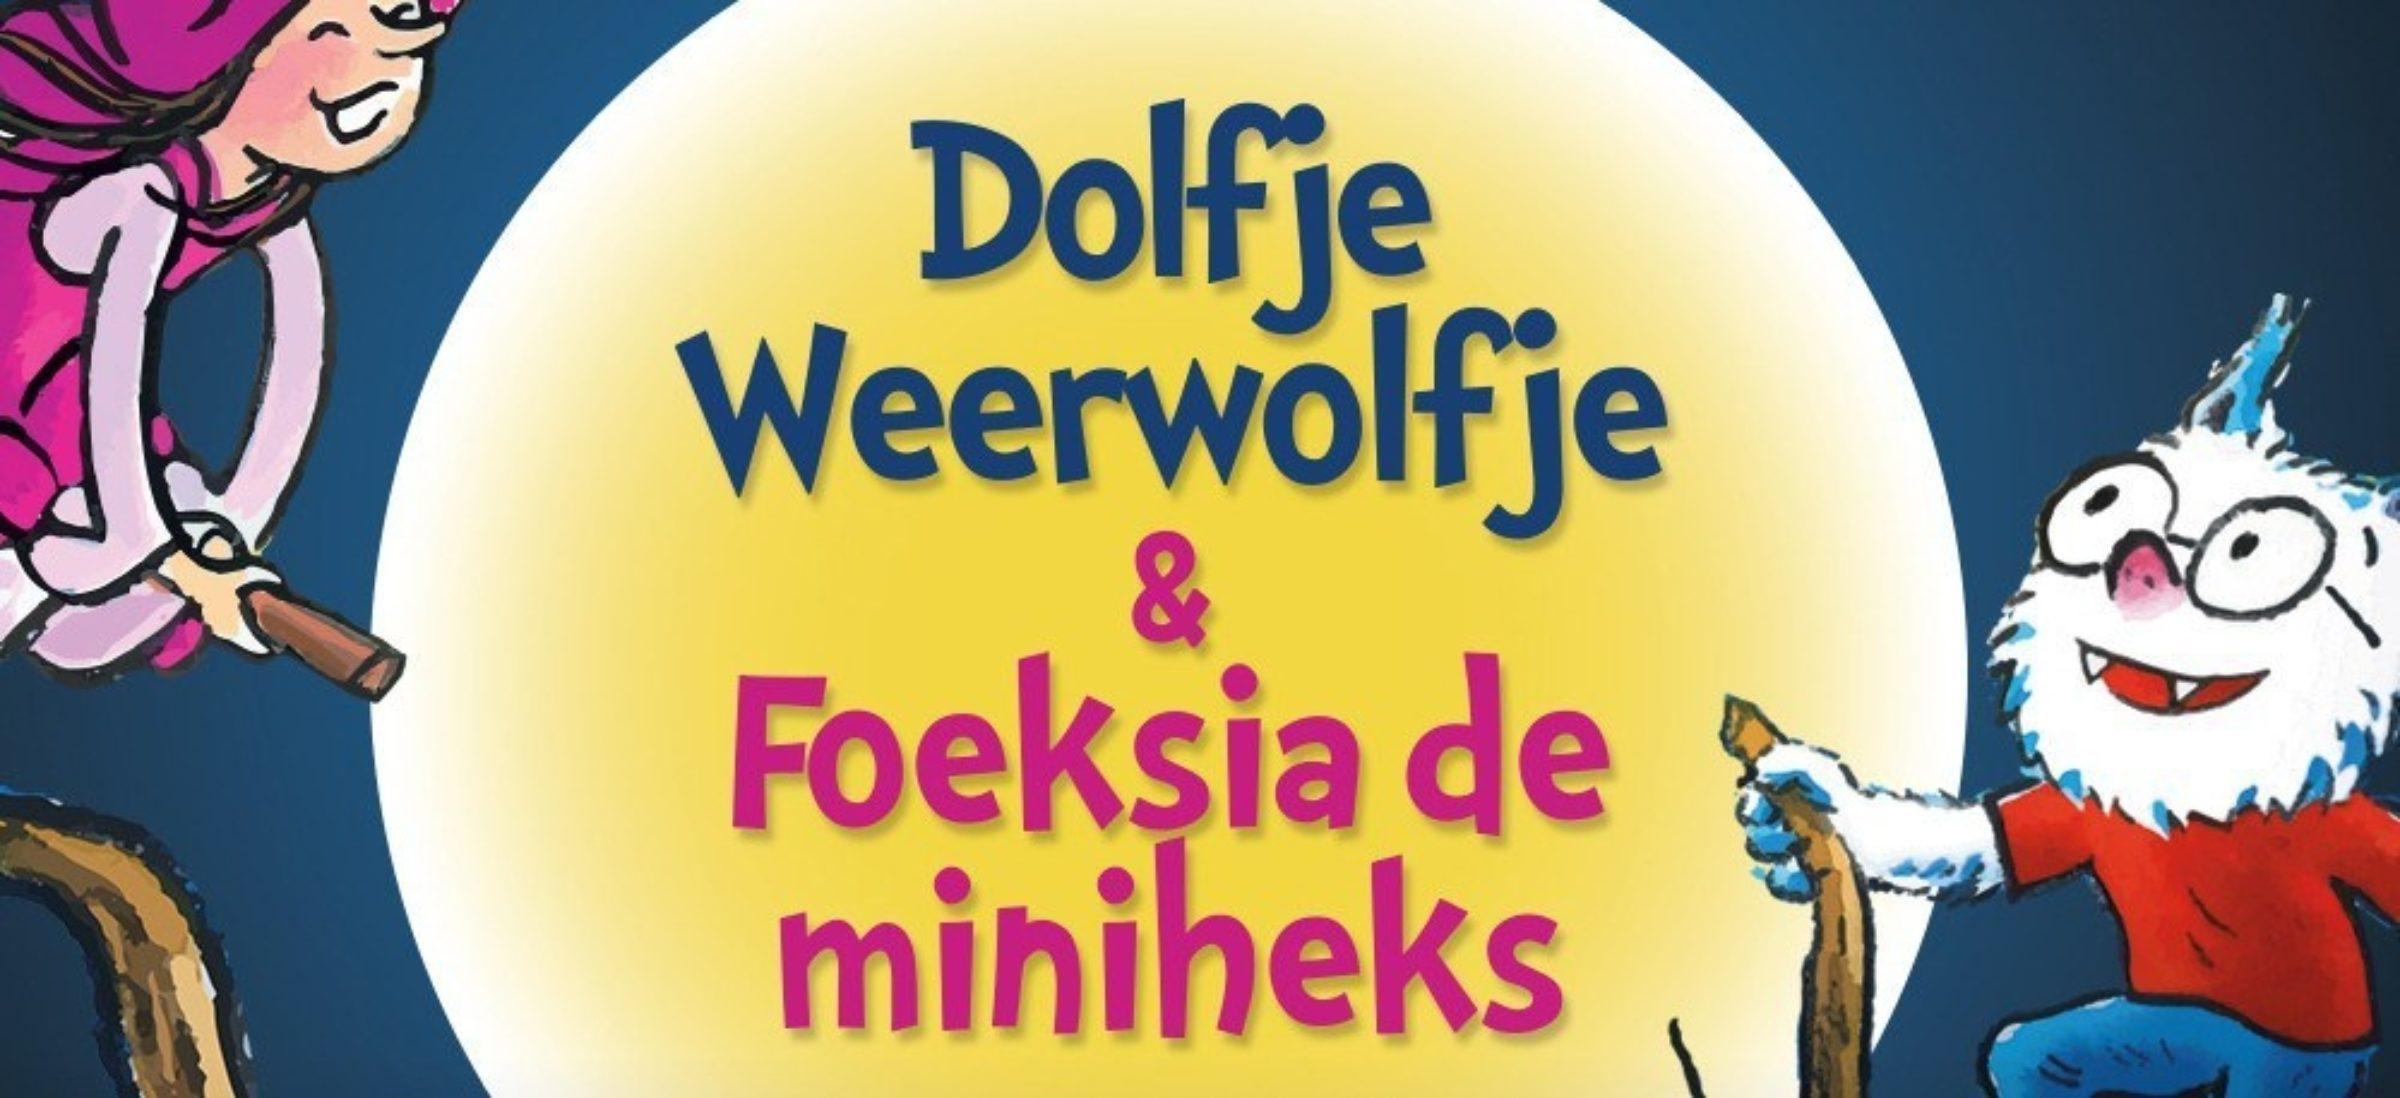 Dolfje Weerwolfje 2675 1554724846 35hxfxxo28